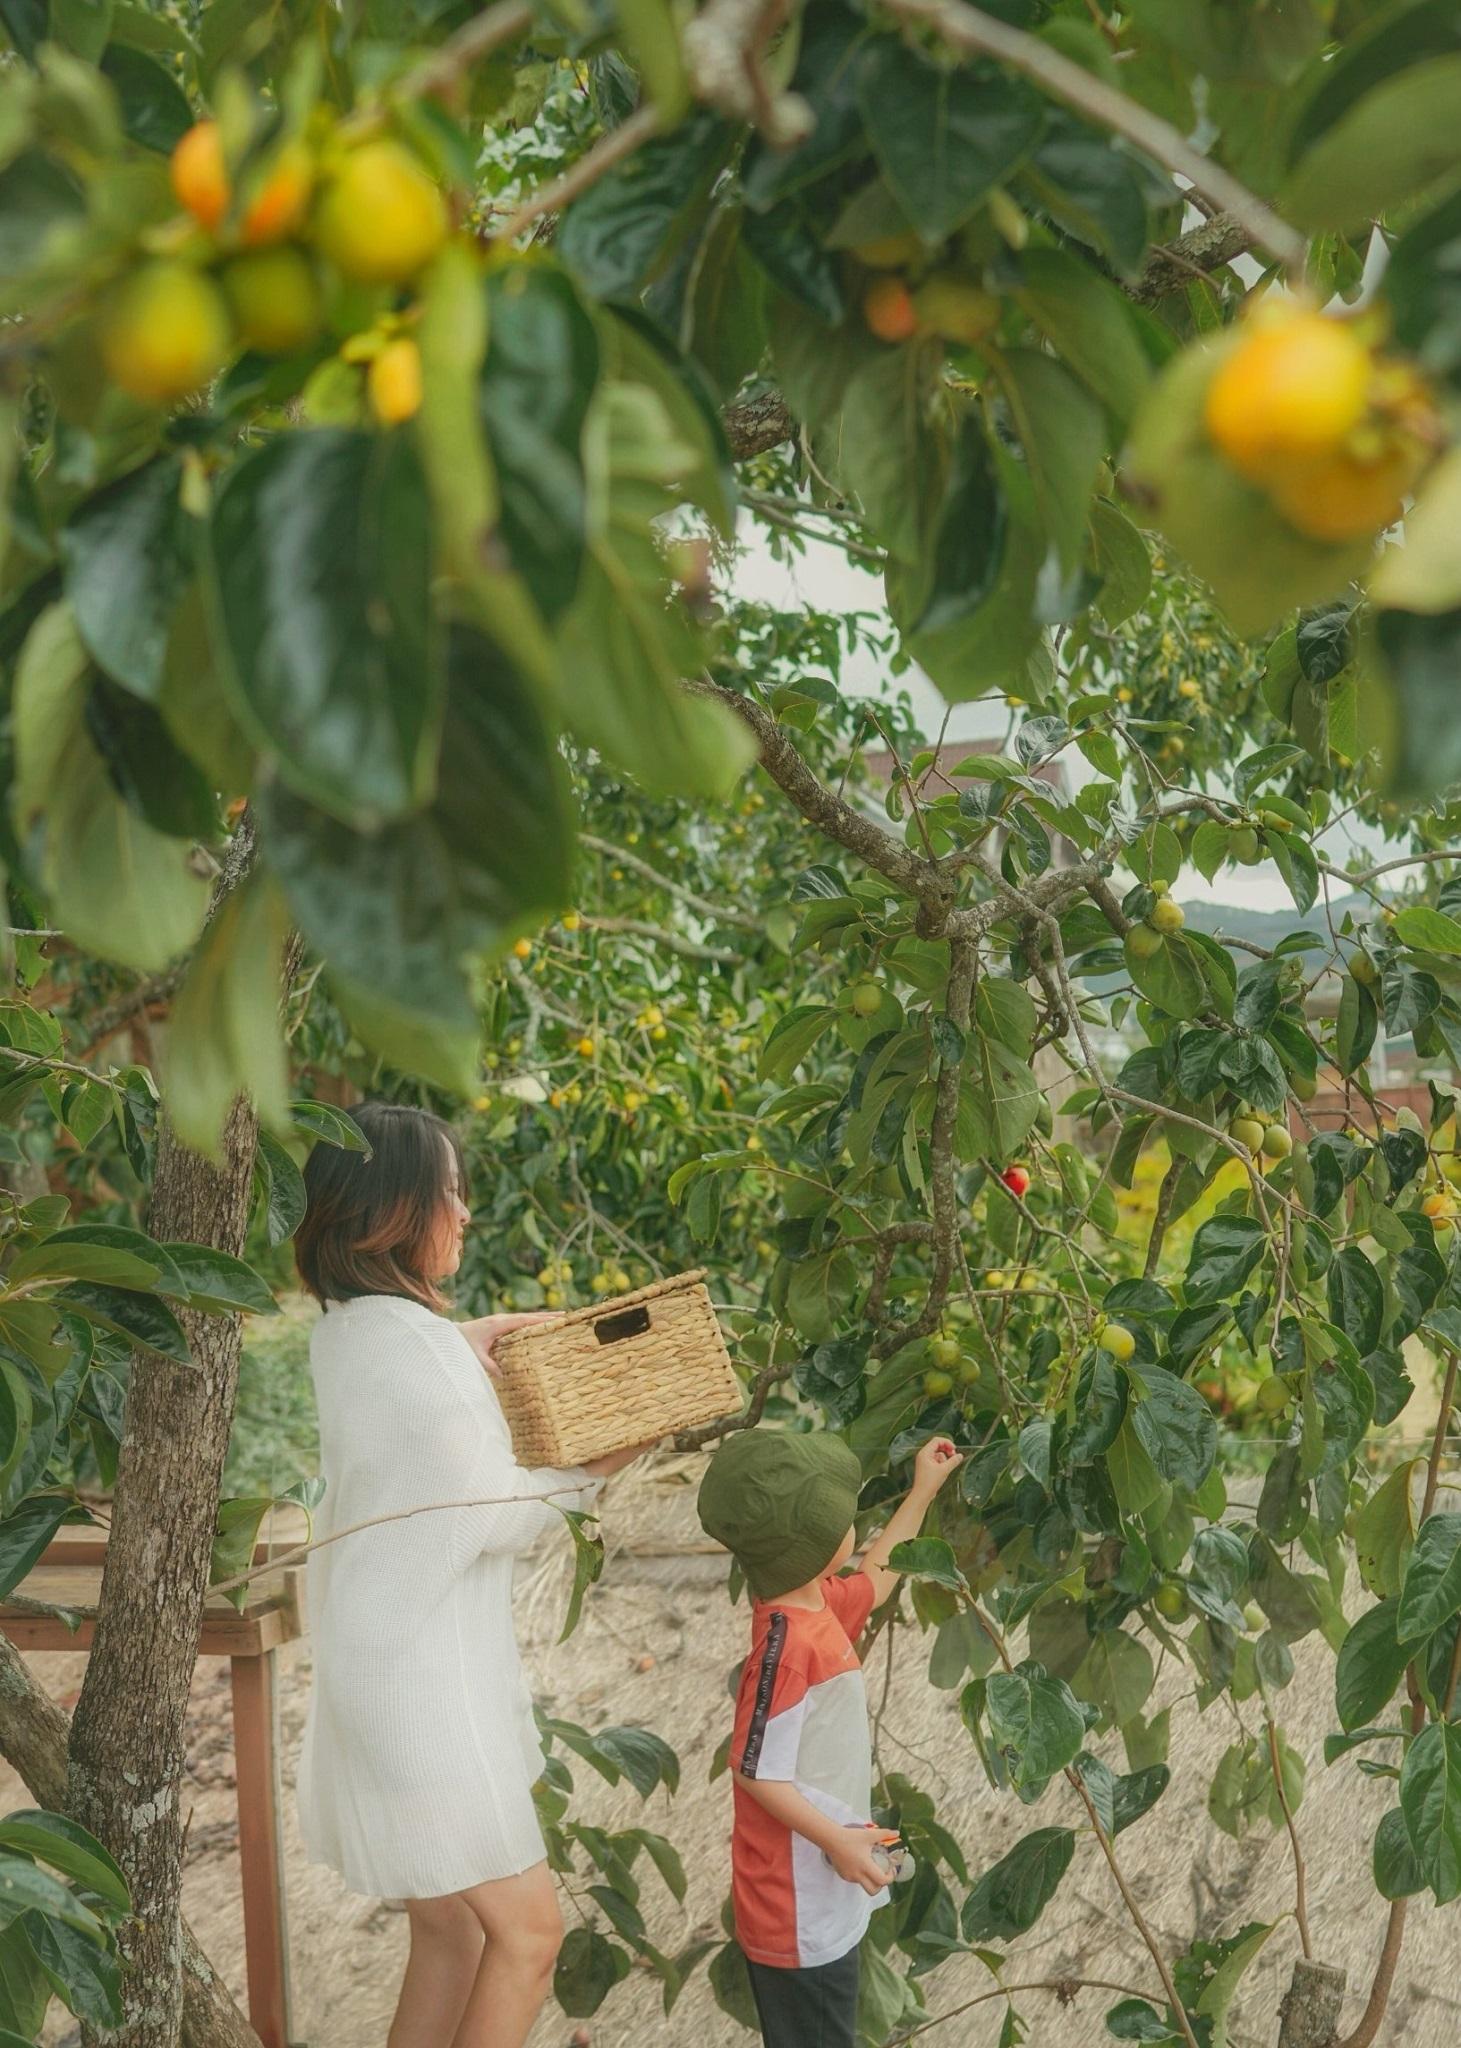 Cậu con trai theo chị Việt Anh trải nghiệm hái quả hồng.  Đầu tháng 9, những cây hồng đầu tiên trong vườn đã bắt đầu chuyển từ xanh sang hườm vàng. Vào thời điểm này các năm trước, nhiều du khách ghé thăm vườn, thích được check-in dưới tán hồng hoặc tự tay hái những quả hồng chín mọng ăn liền. Năm nay do Covid-19 kéo dài giãn cách, vườn hồng thưa vắng khách, nên trái hồng được hái sớm hơn, ủ hơi làm hồng giòn và gửi bán đi khắp các tỉnh.  Quả hồng chín đến đâu chúng tôi tự hái đến đó, các quả hườm vàng còn cứng được ủ hơi trong bao nylon 10 ngày hoặc dùng làm hồng treo gió kiểu Nhật, chị nói.Năm nay, dự tính cả vườn thu hoạch được hơn 2 tấn hồng ngon, không nhiều bằng năm ngoái do một phần trái rụng khi mưa bão đến sớm. Du khách đến tham quan có thể hái hồng, ăn thoải mái và giá bán mang về là 150.000 -180.000/túi 5 kg tuỳ thời điểm.